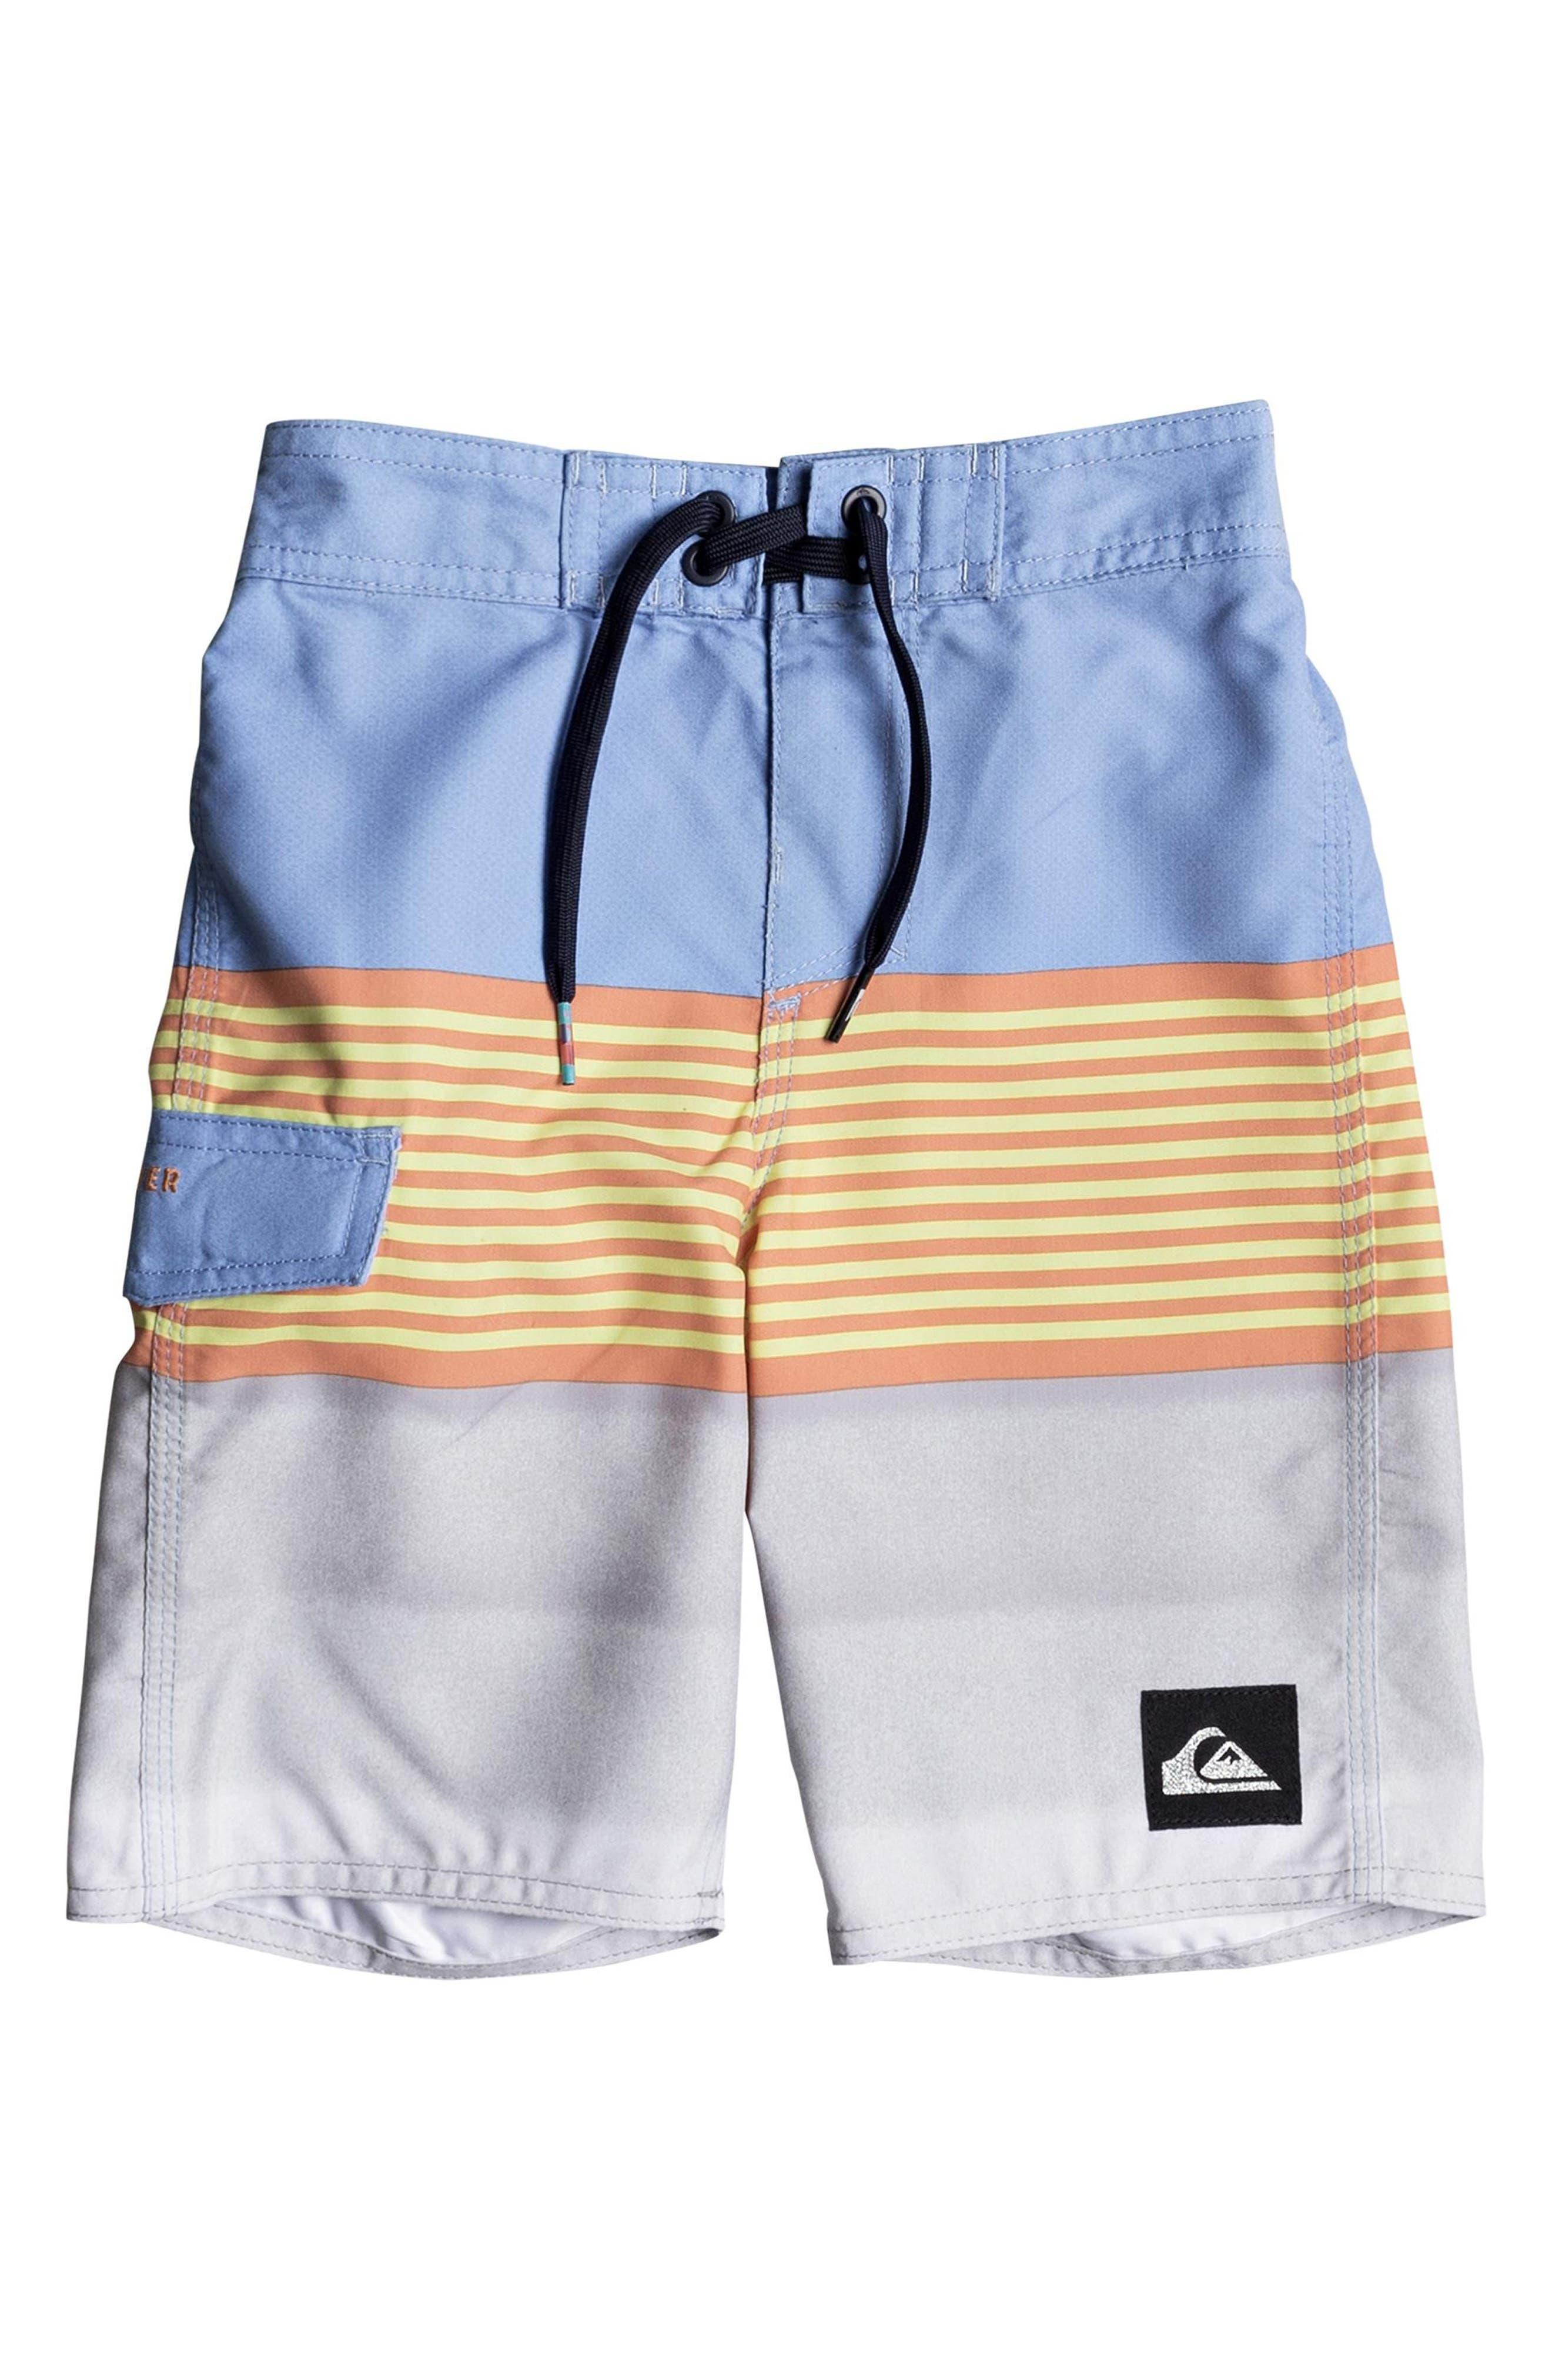 Division Board Shorts,                             Main thumbnail 1, color,                             425